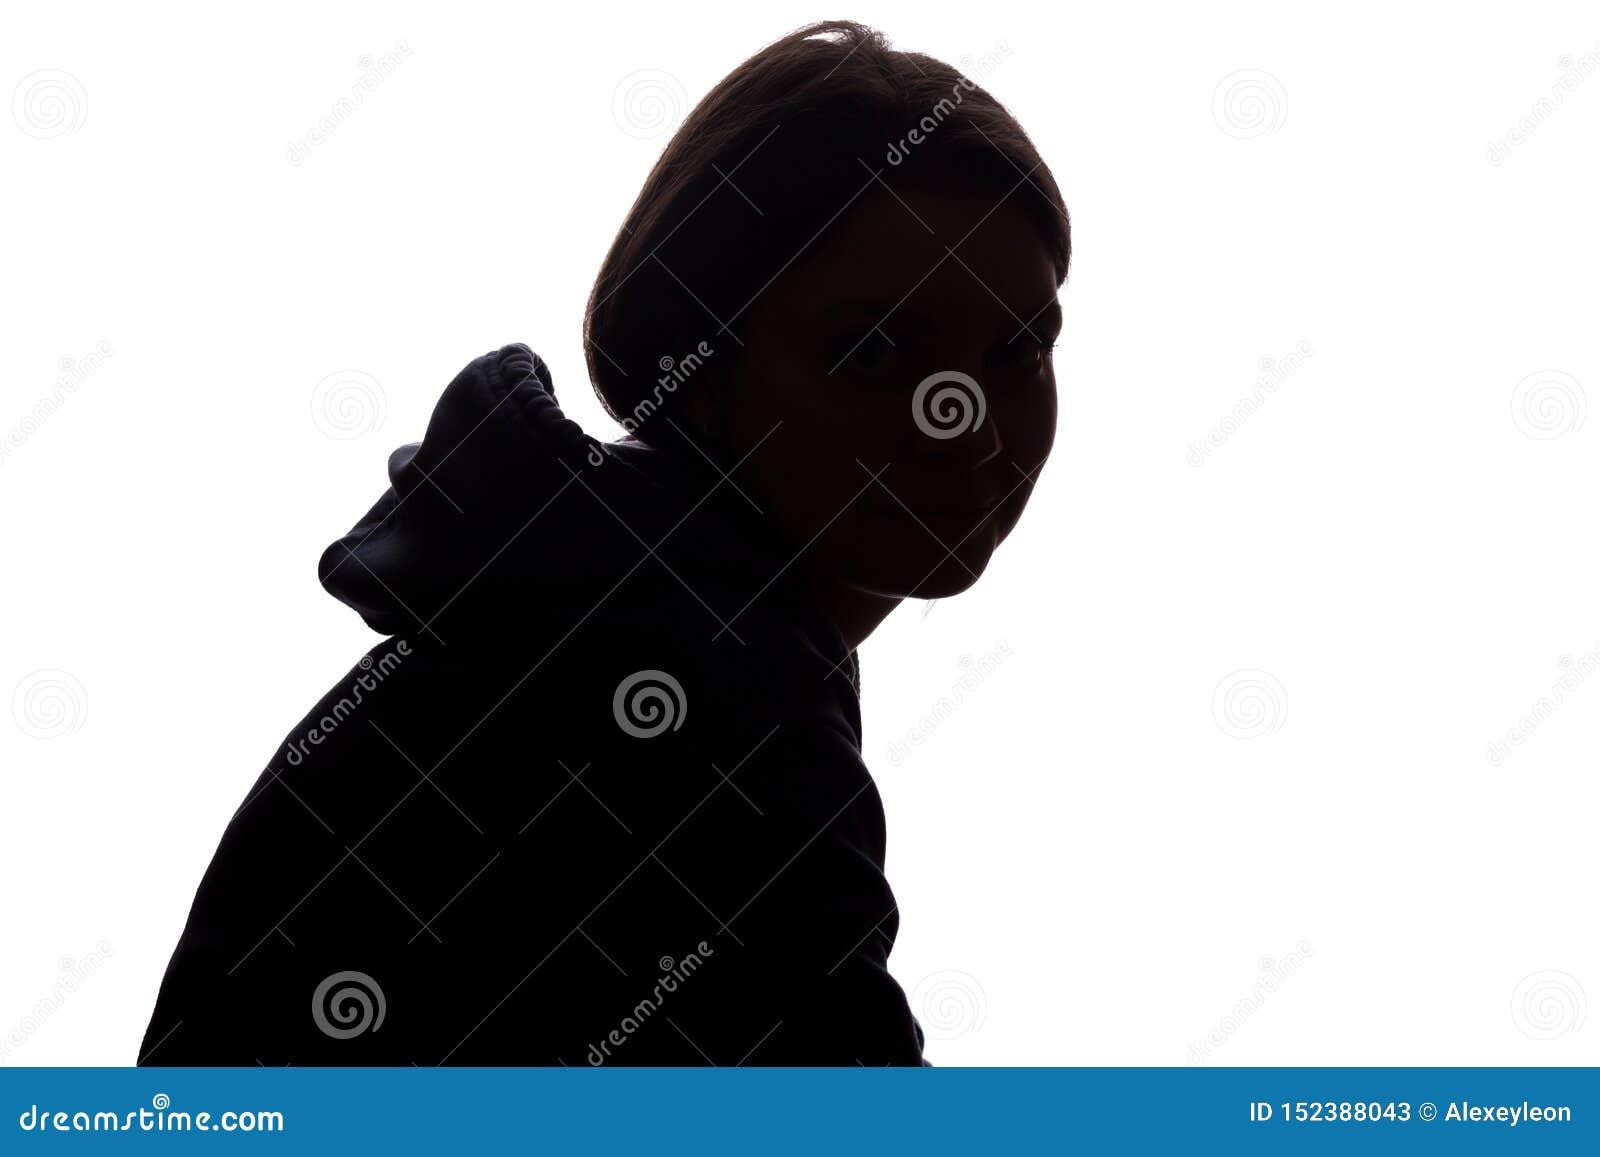 Look ahead de la mujer joven con el pelo que fluye - silueta vertical